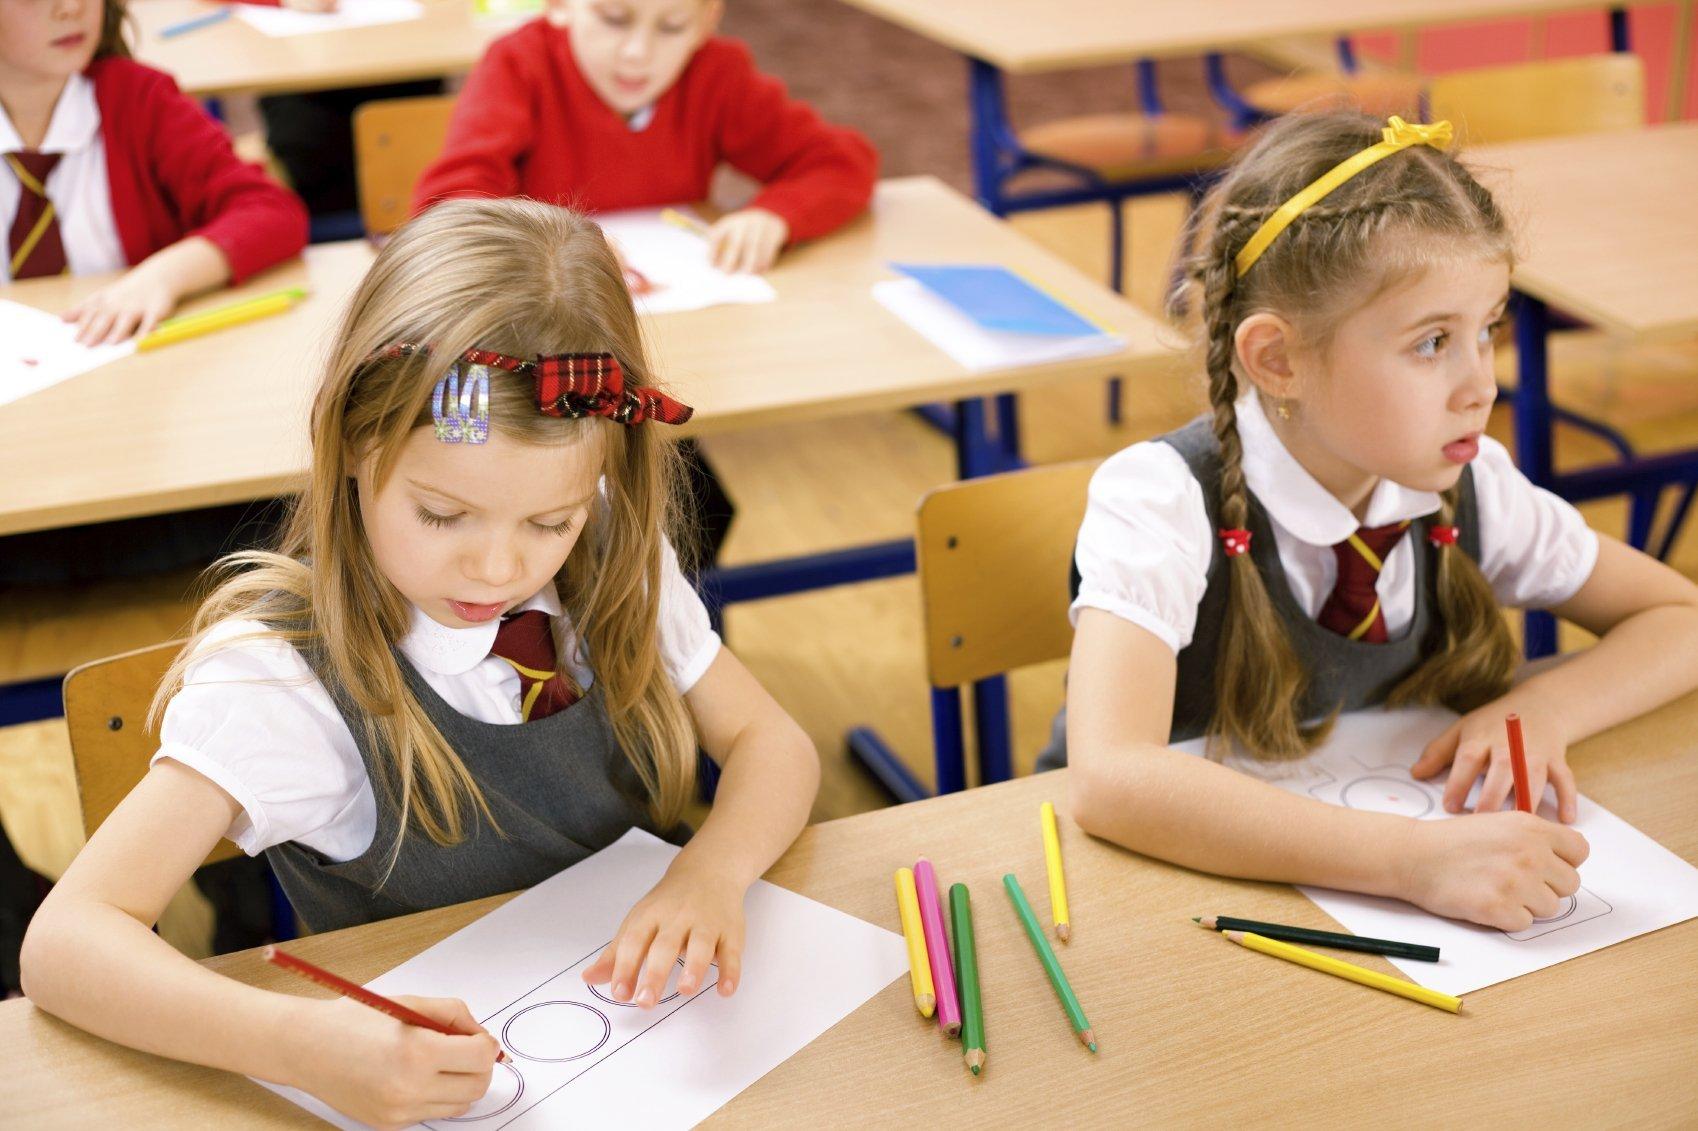 картинки для учащихся начальных классов